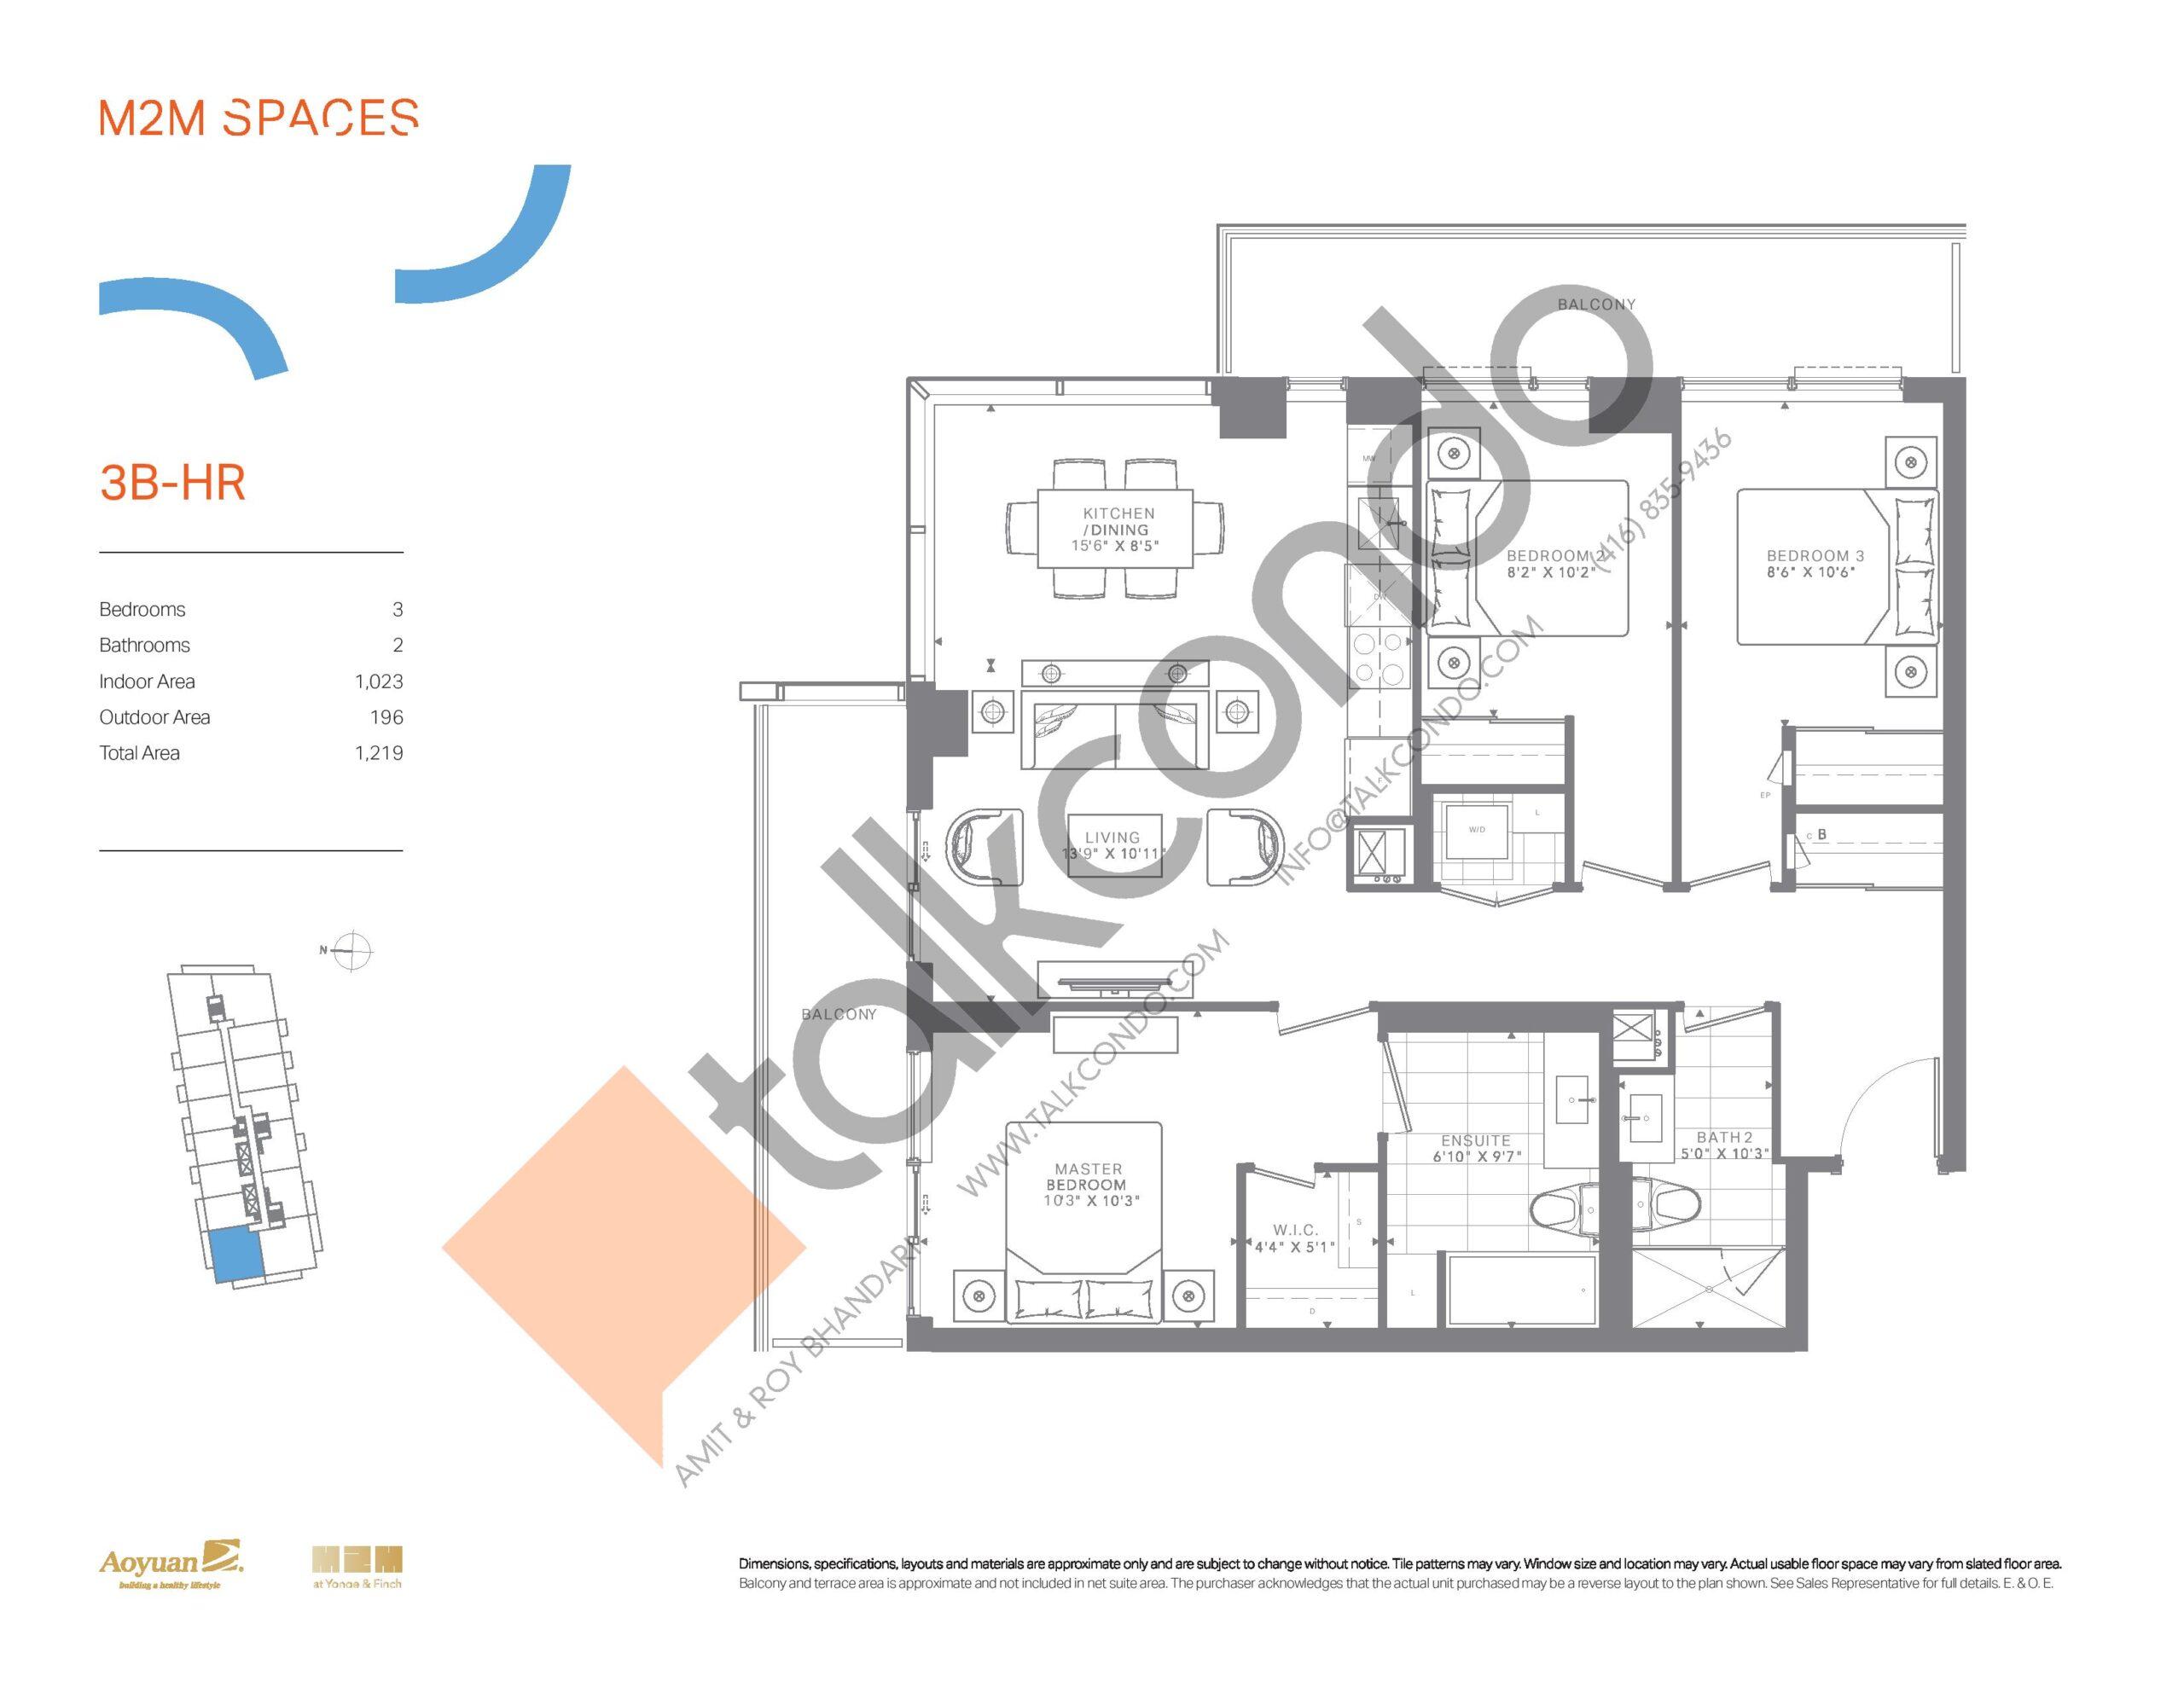 3B-HR Floor Plan at M2M Spaces Condos - 1023 sq.ft